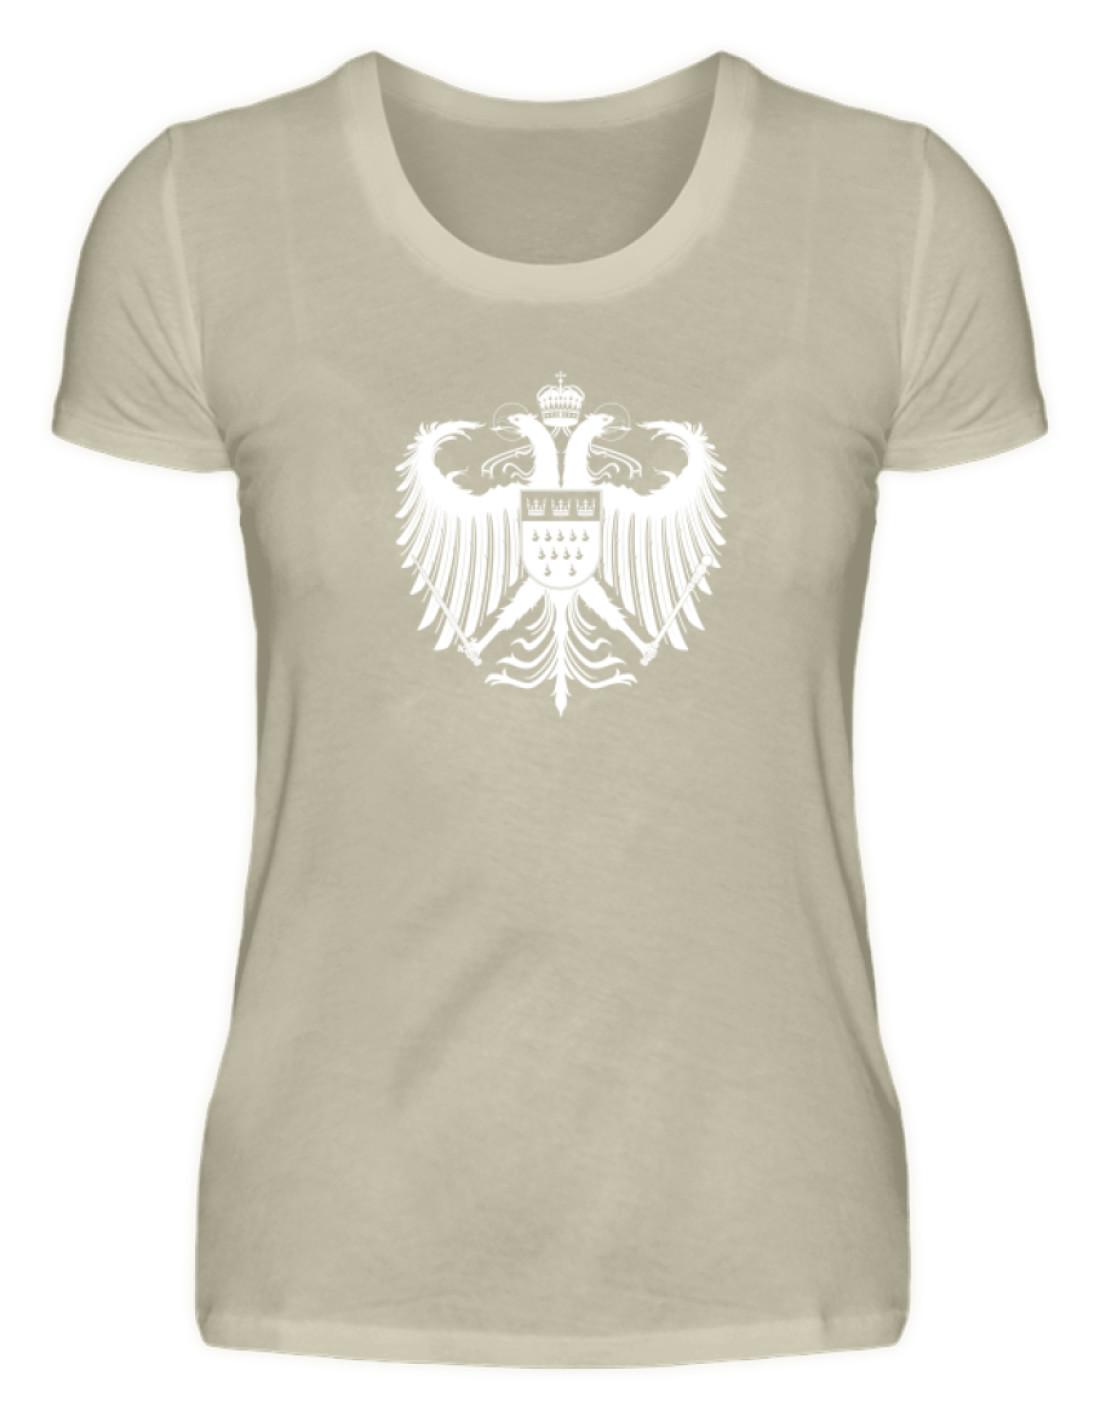 1a2a76eefbc2dd Kölner Wappen mit Adler in Weiß auf Damen T-Shirt (Organic) • Kölner ...